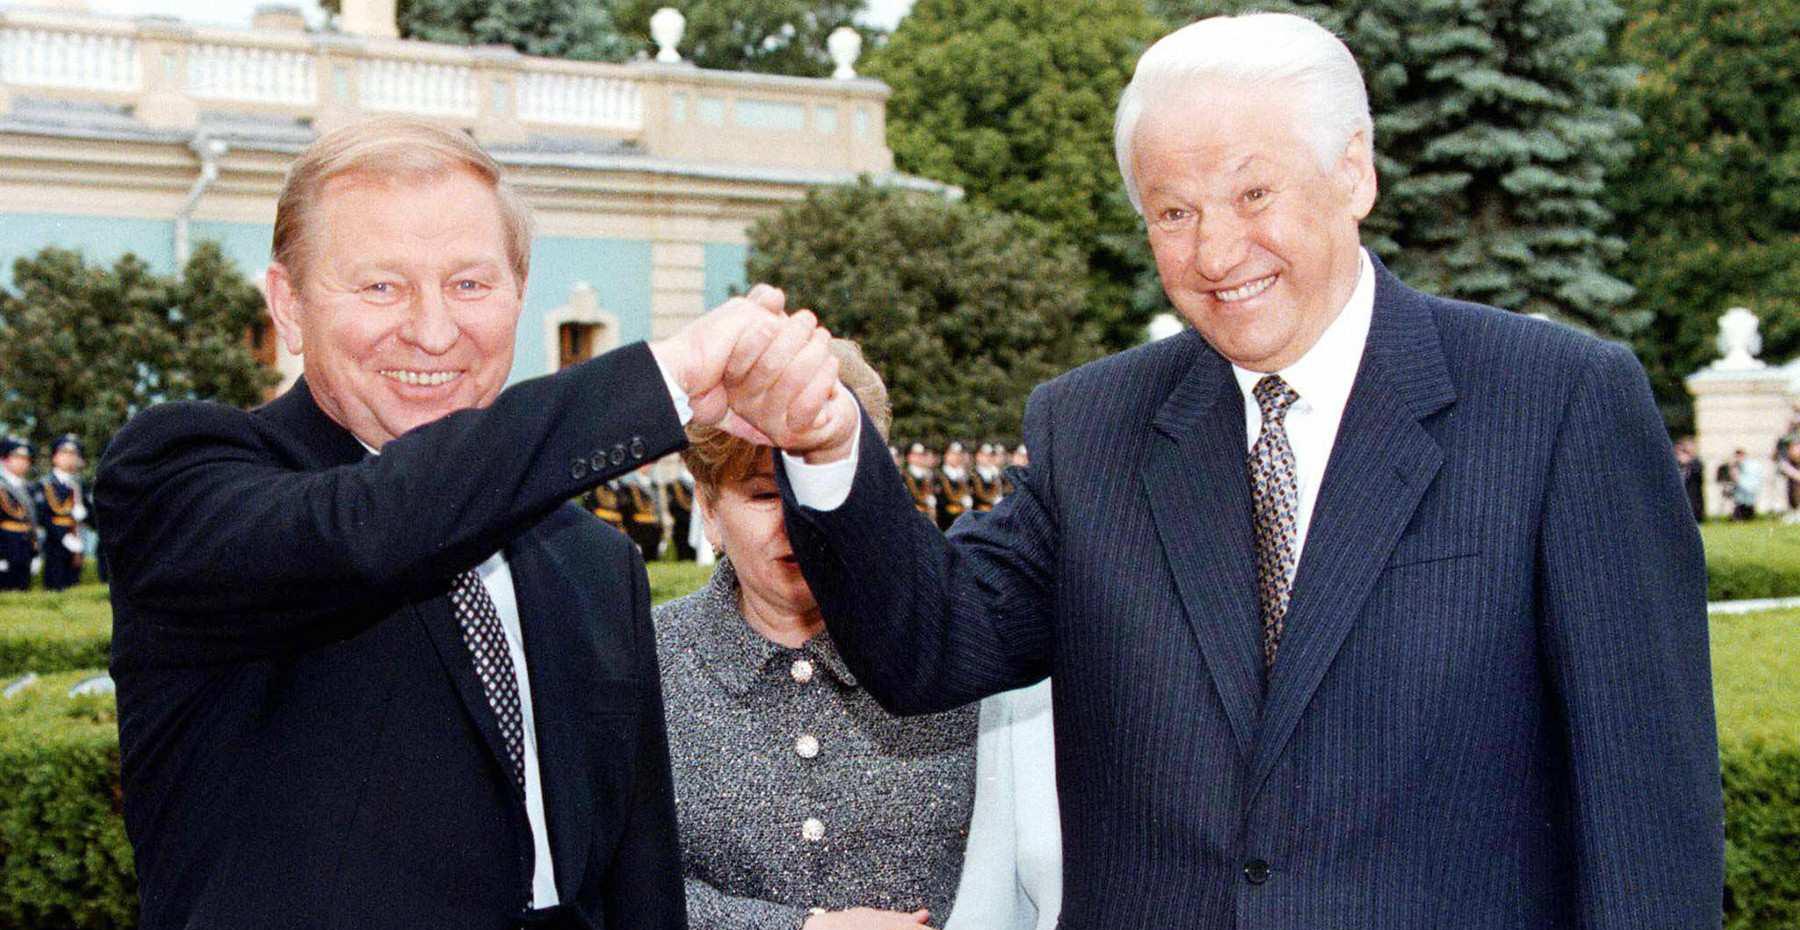 Сохранение Договора о дружбе и сотрудничестве между Украиной и Россией вызывало большое количество нареканий с 2014 года